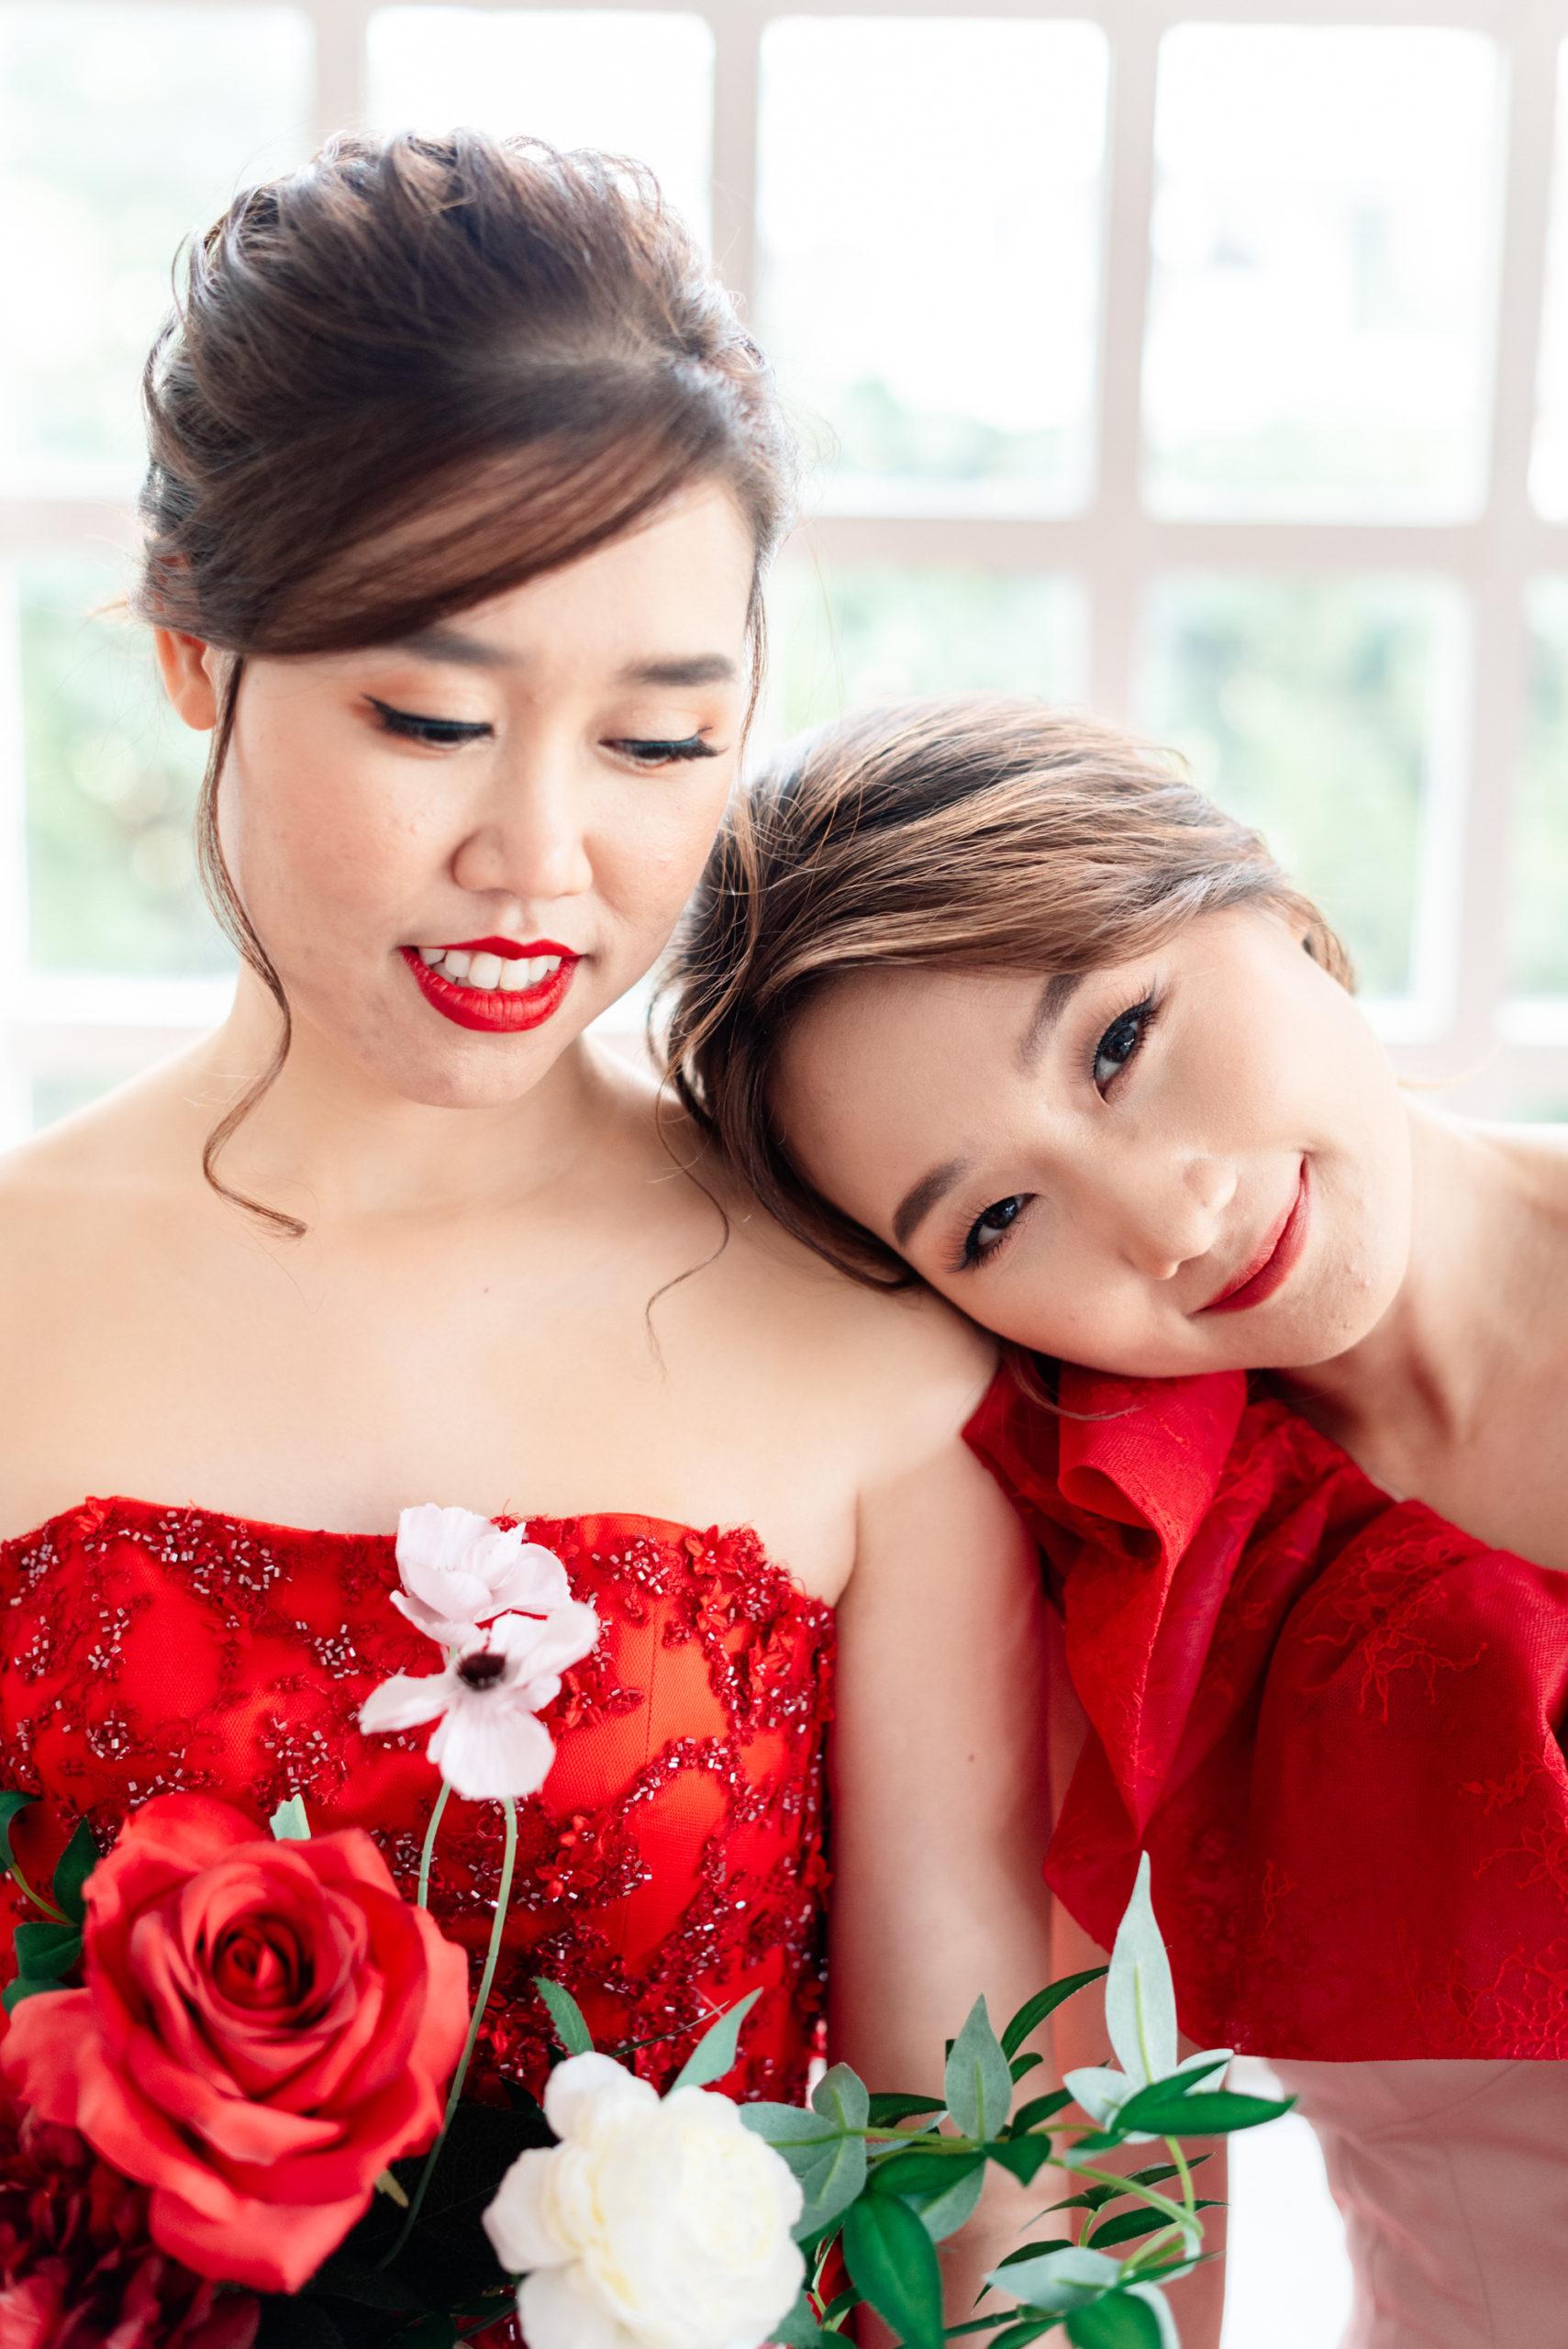 ทีมงาน resilient reflection team งานแต่ง มู่หลาน wedding styled shoot bangkok เวดดิ้งแพลนเนอร์ wonders & weddings